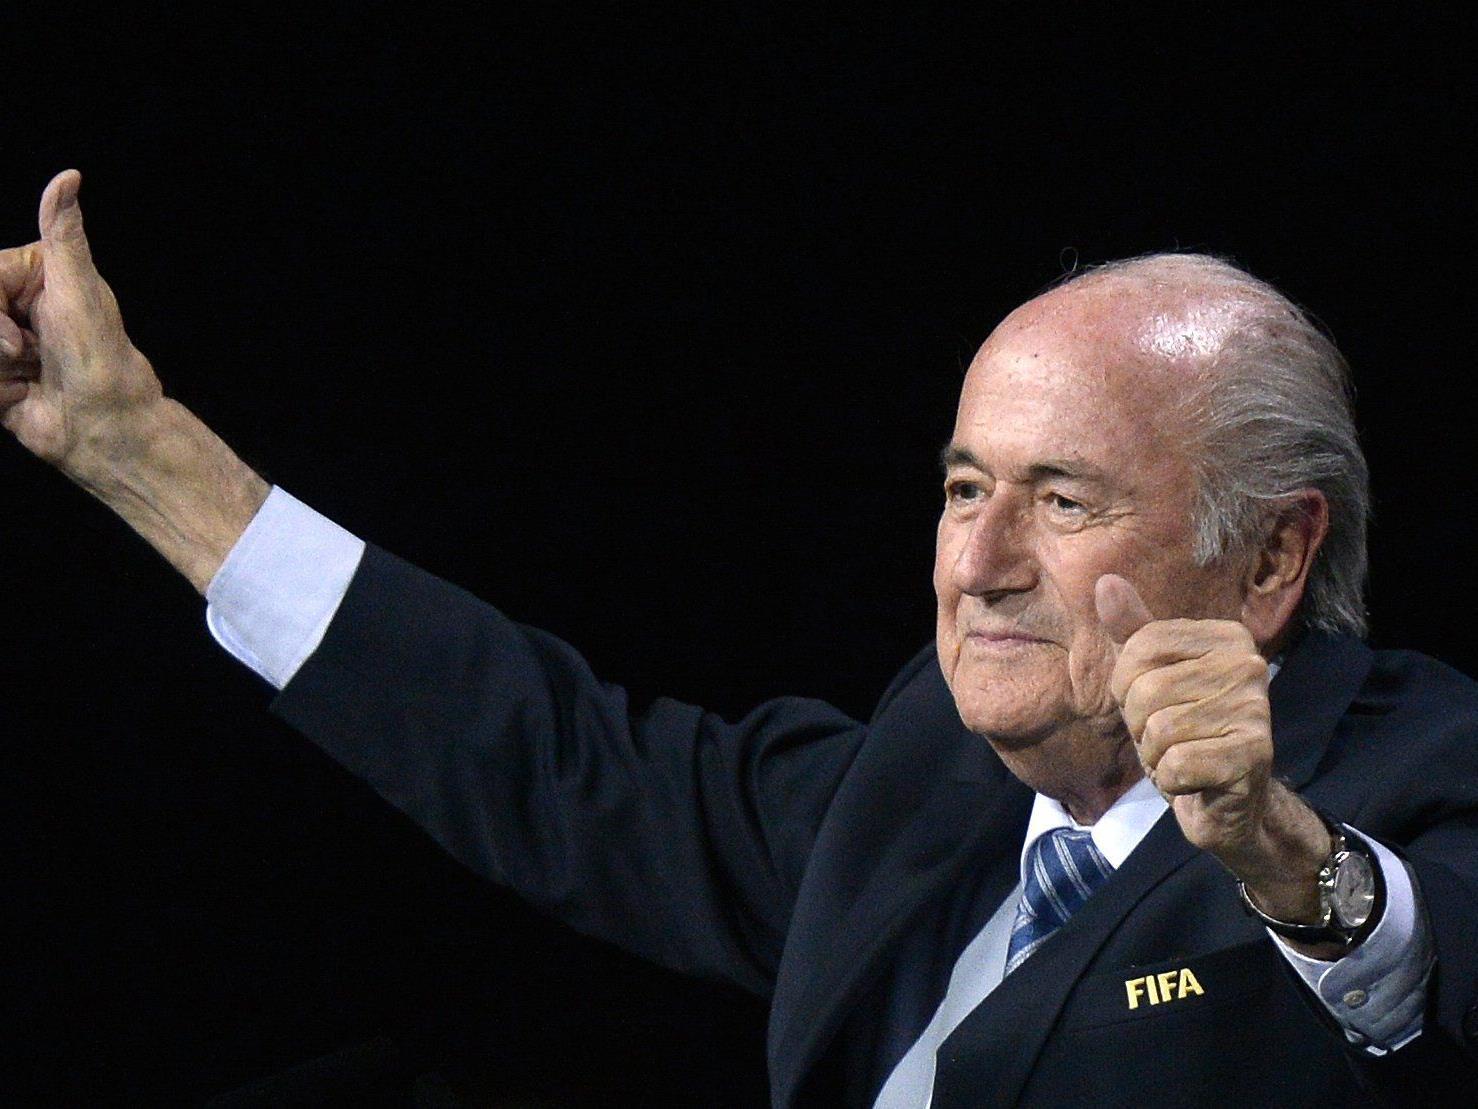 Trotz des größten Skandals der FIFA-Geschichte geht Joseph Blatter in seine fünfte Amtszeit als Präsident der FIFA.